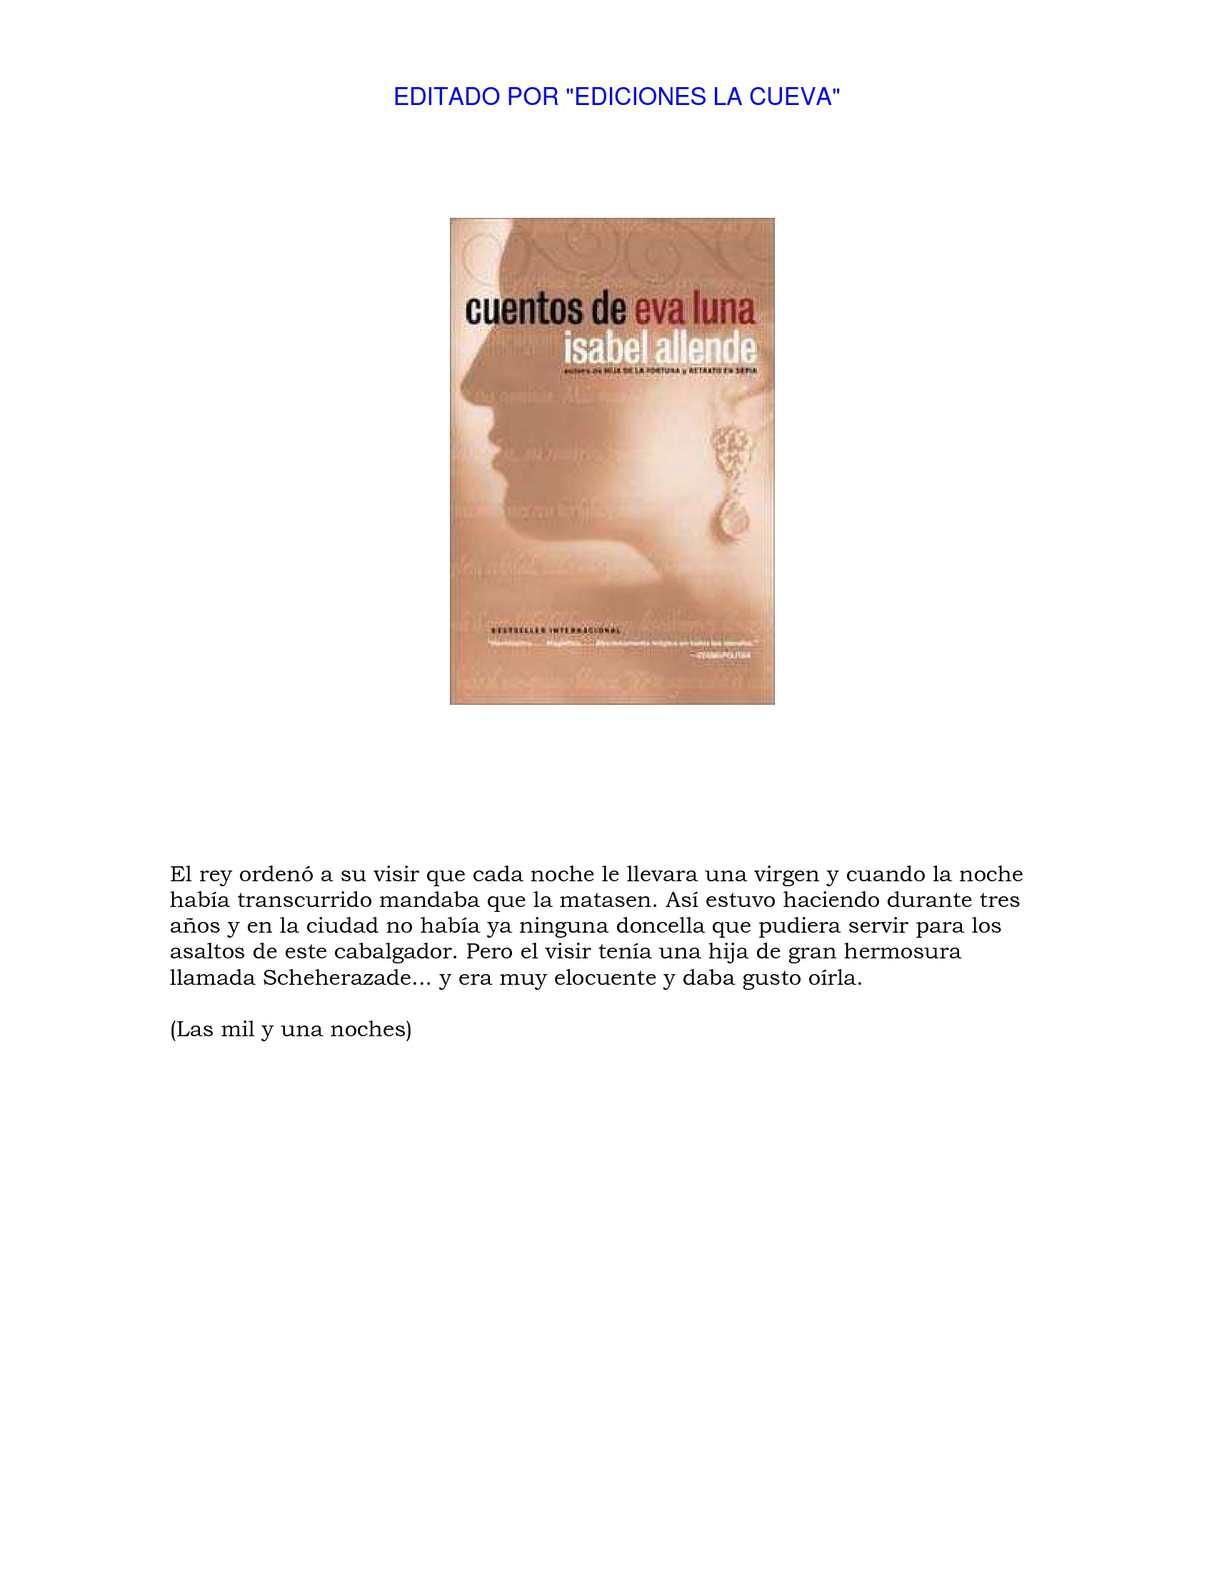 Calaméo - Cuentos de Eva Luna - Isabel Allende 2accc9fda54ee